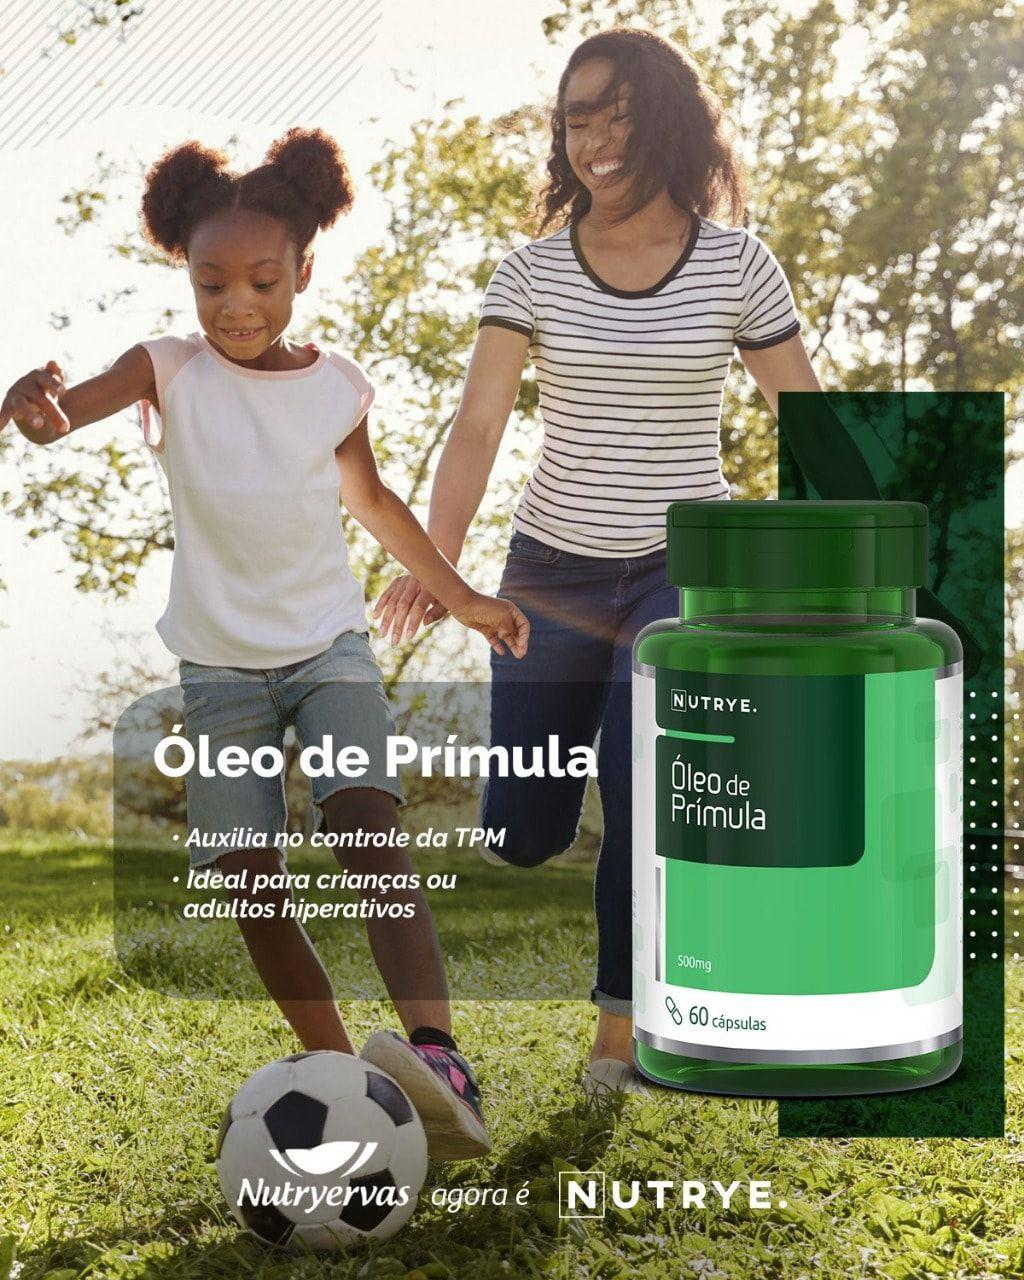 ÓLEO DE PRÍMULA NUTRYERVAS 60 CÁPSULAS